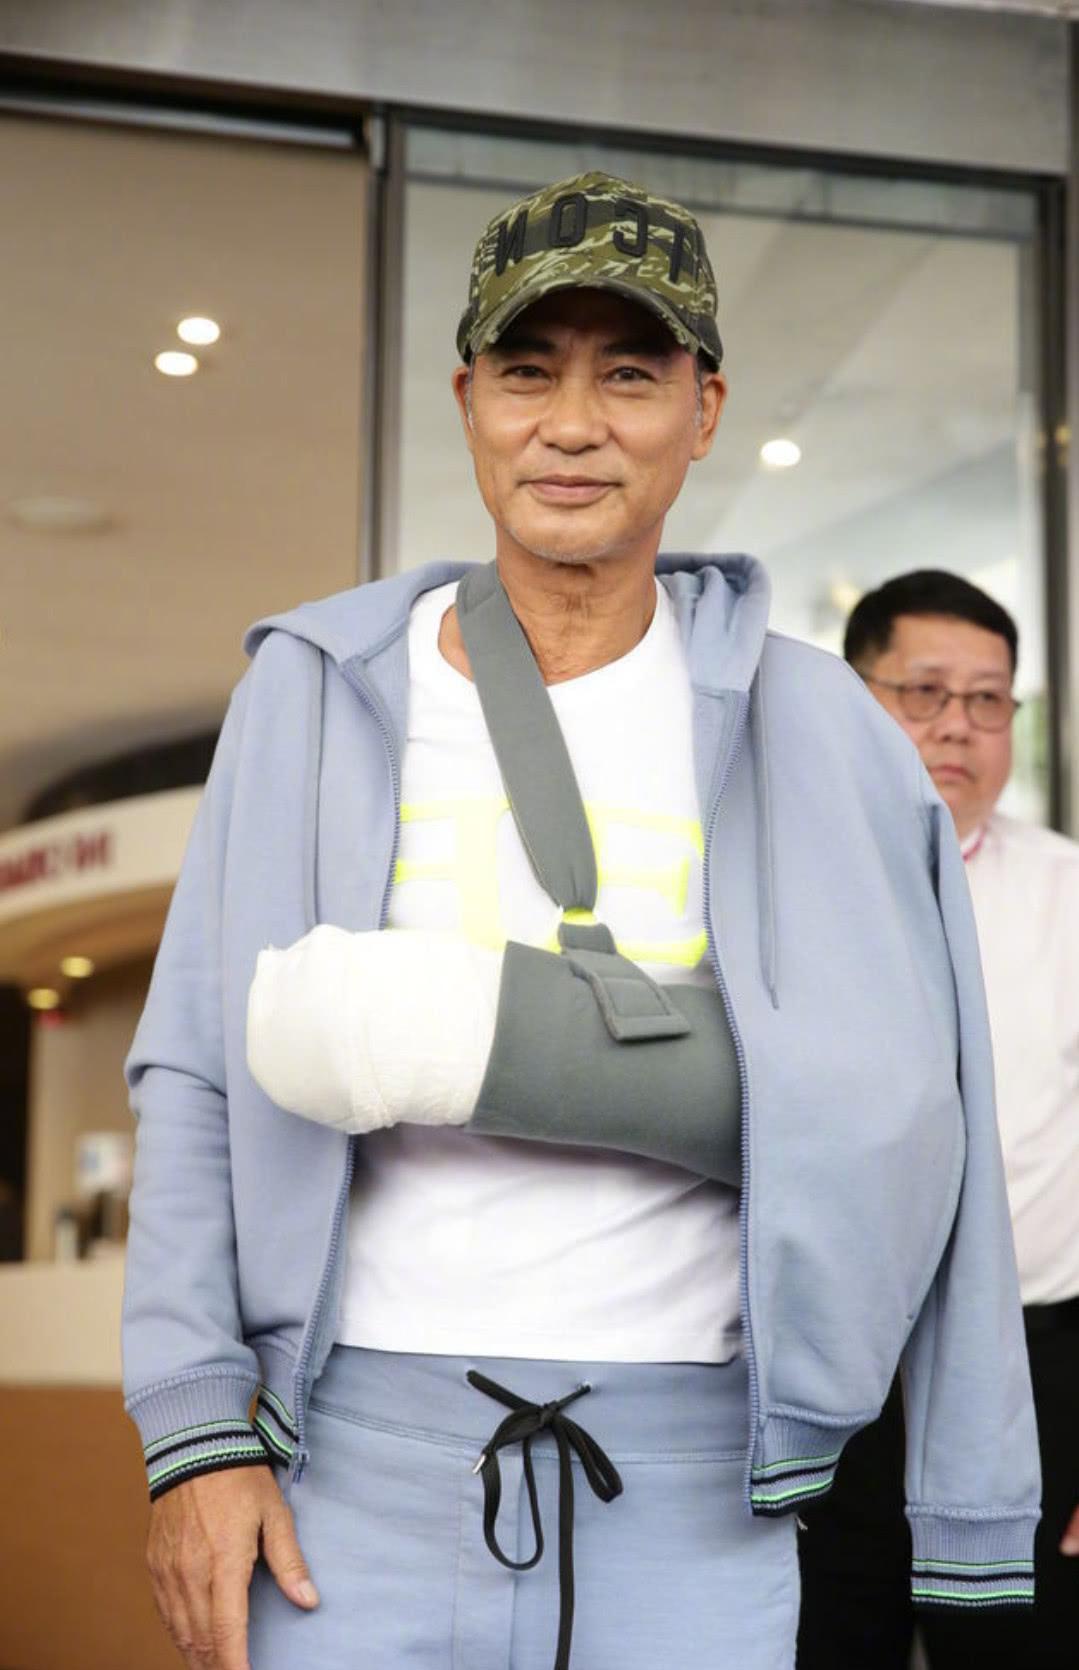 任达华受伤后出院了,有谁注意到他衣服上的图案?怪可爱的!